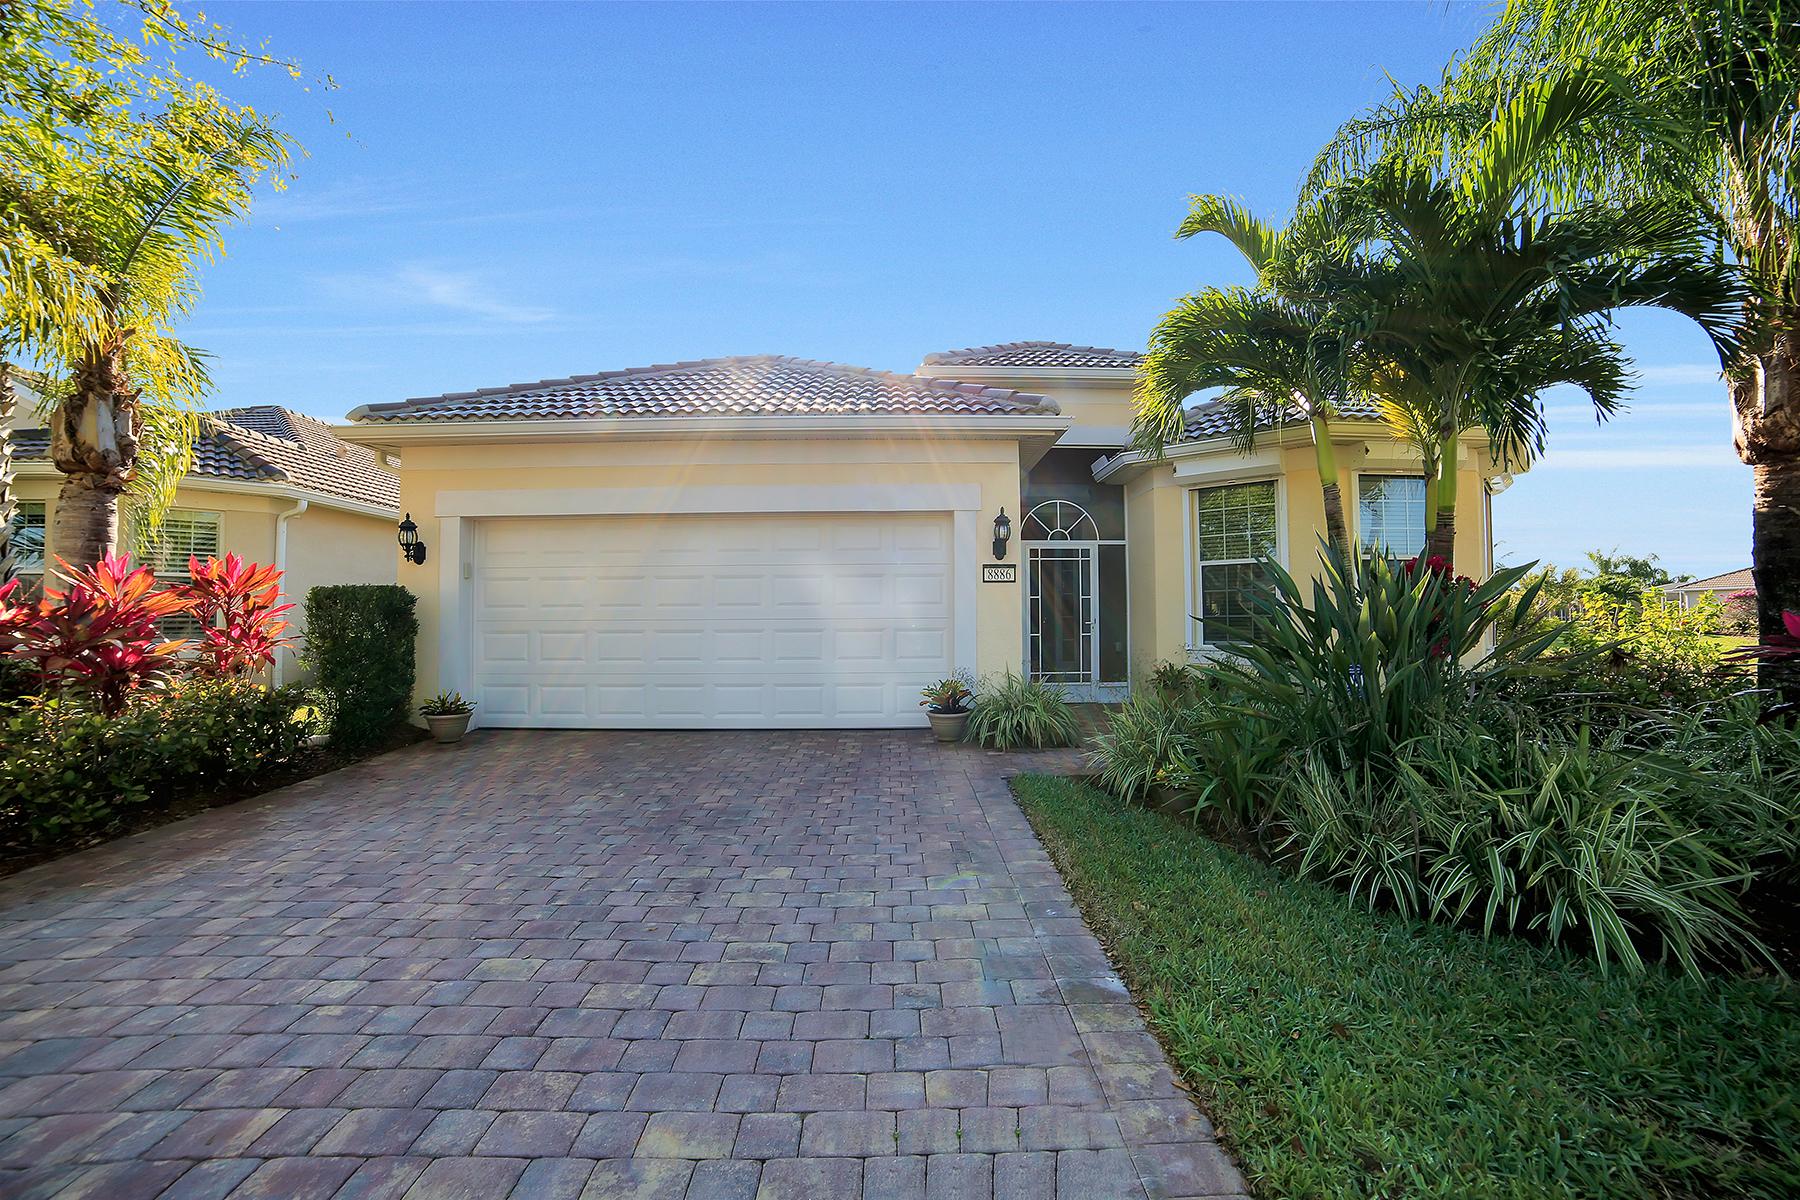 一戸建て のために 売買 アット VERONA WALK 8886 Ravello Ct Naples, フロリダ, 34114 アメリカ合衆国